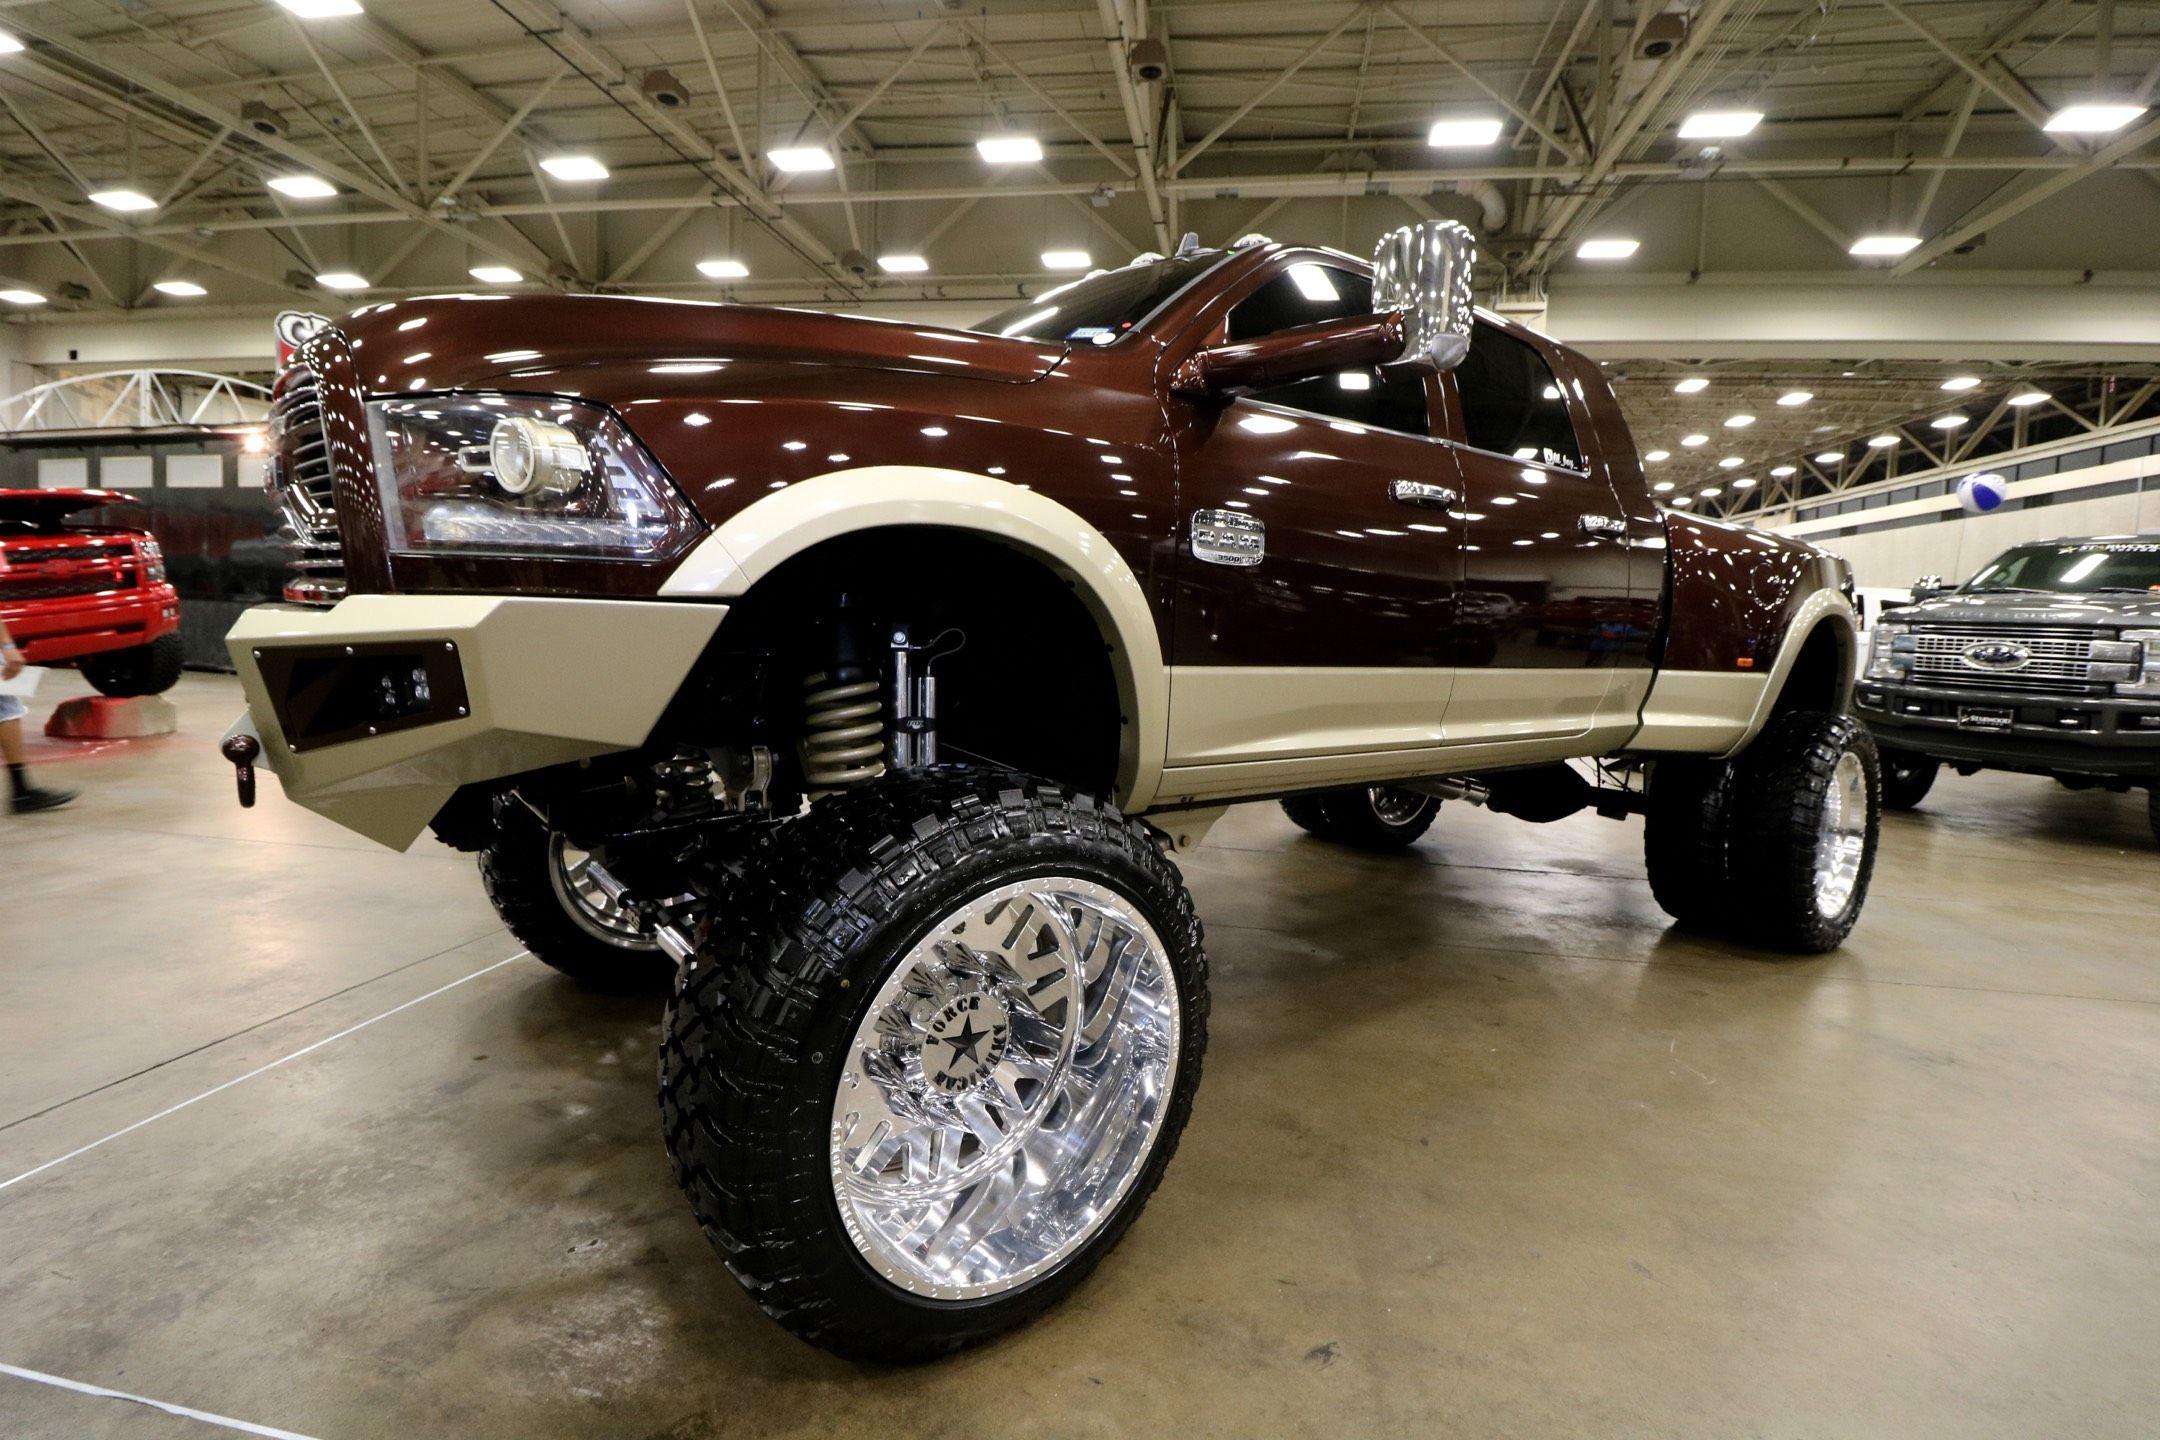 Clic Modified Truck From 2017 Dallas Dub Car Show